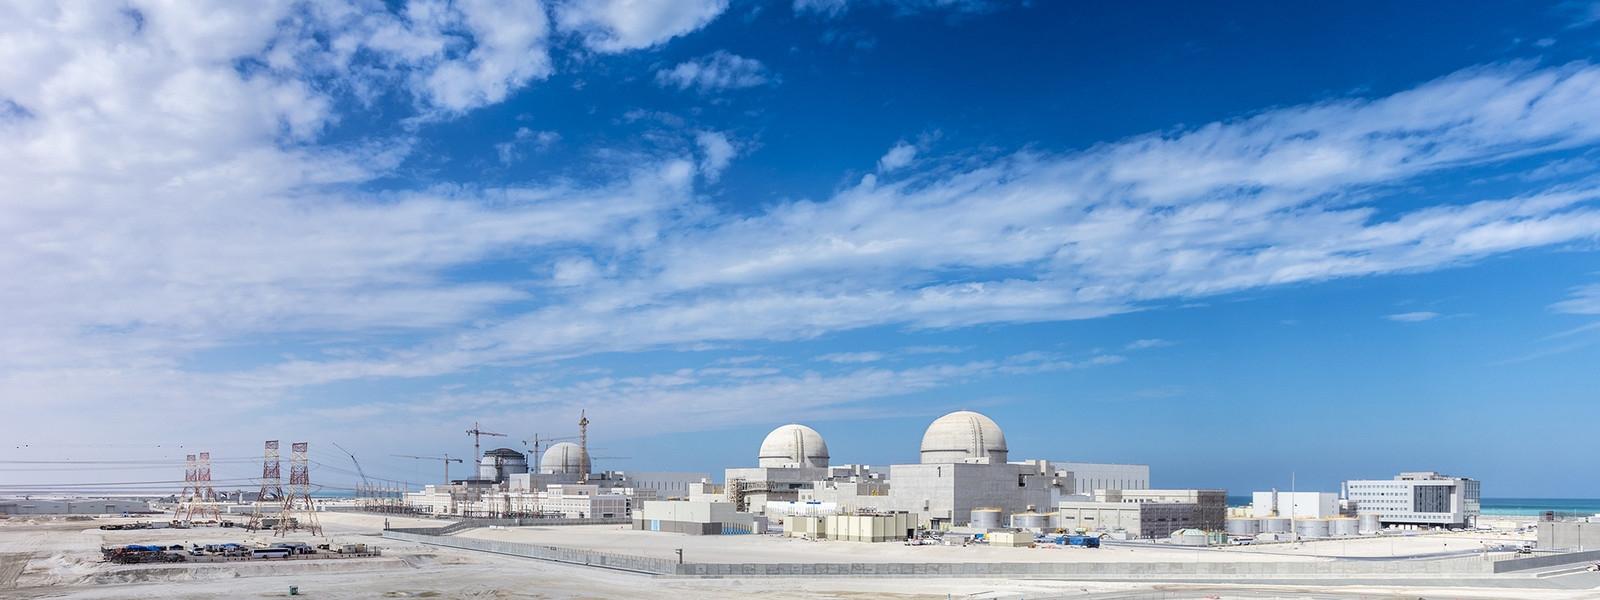 The Barakah power plant on the Emirates coast (Photo: Emirates Nuclear Energy Corporation)